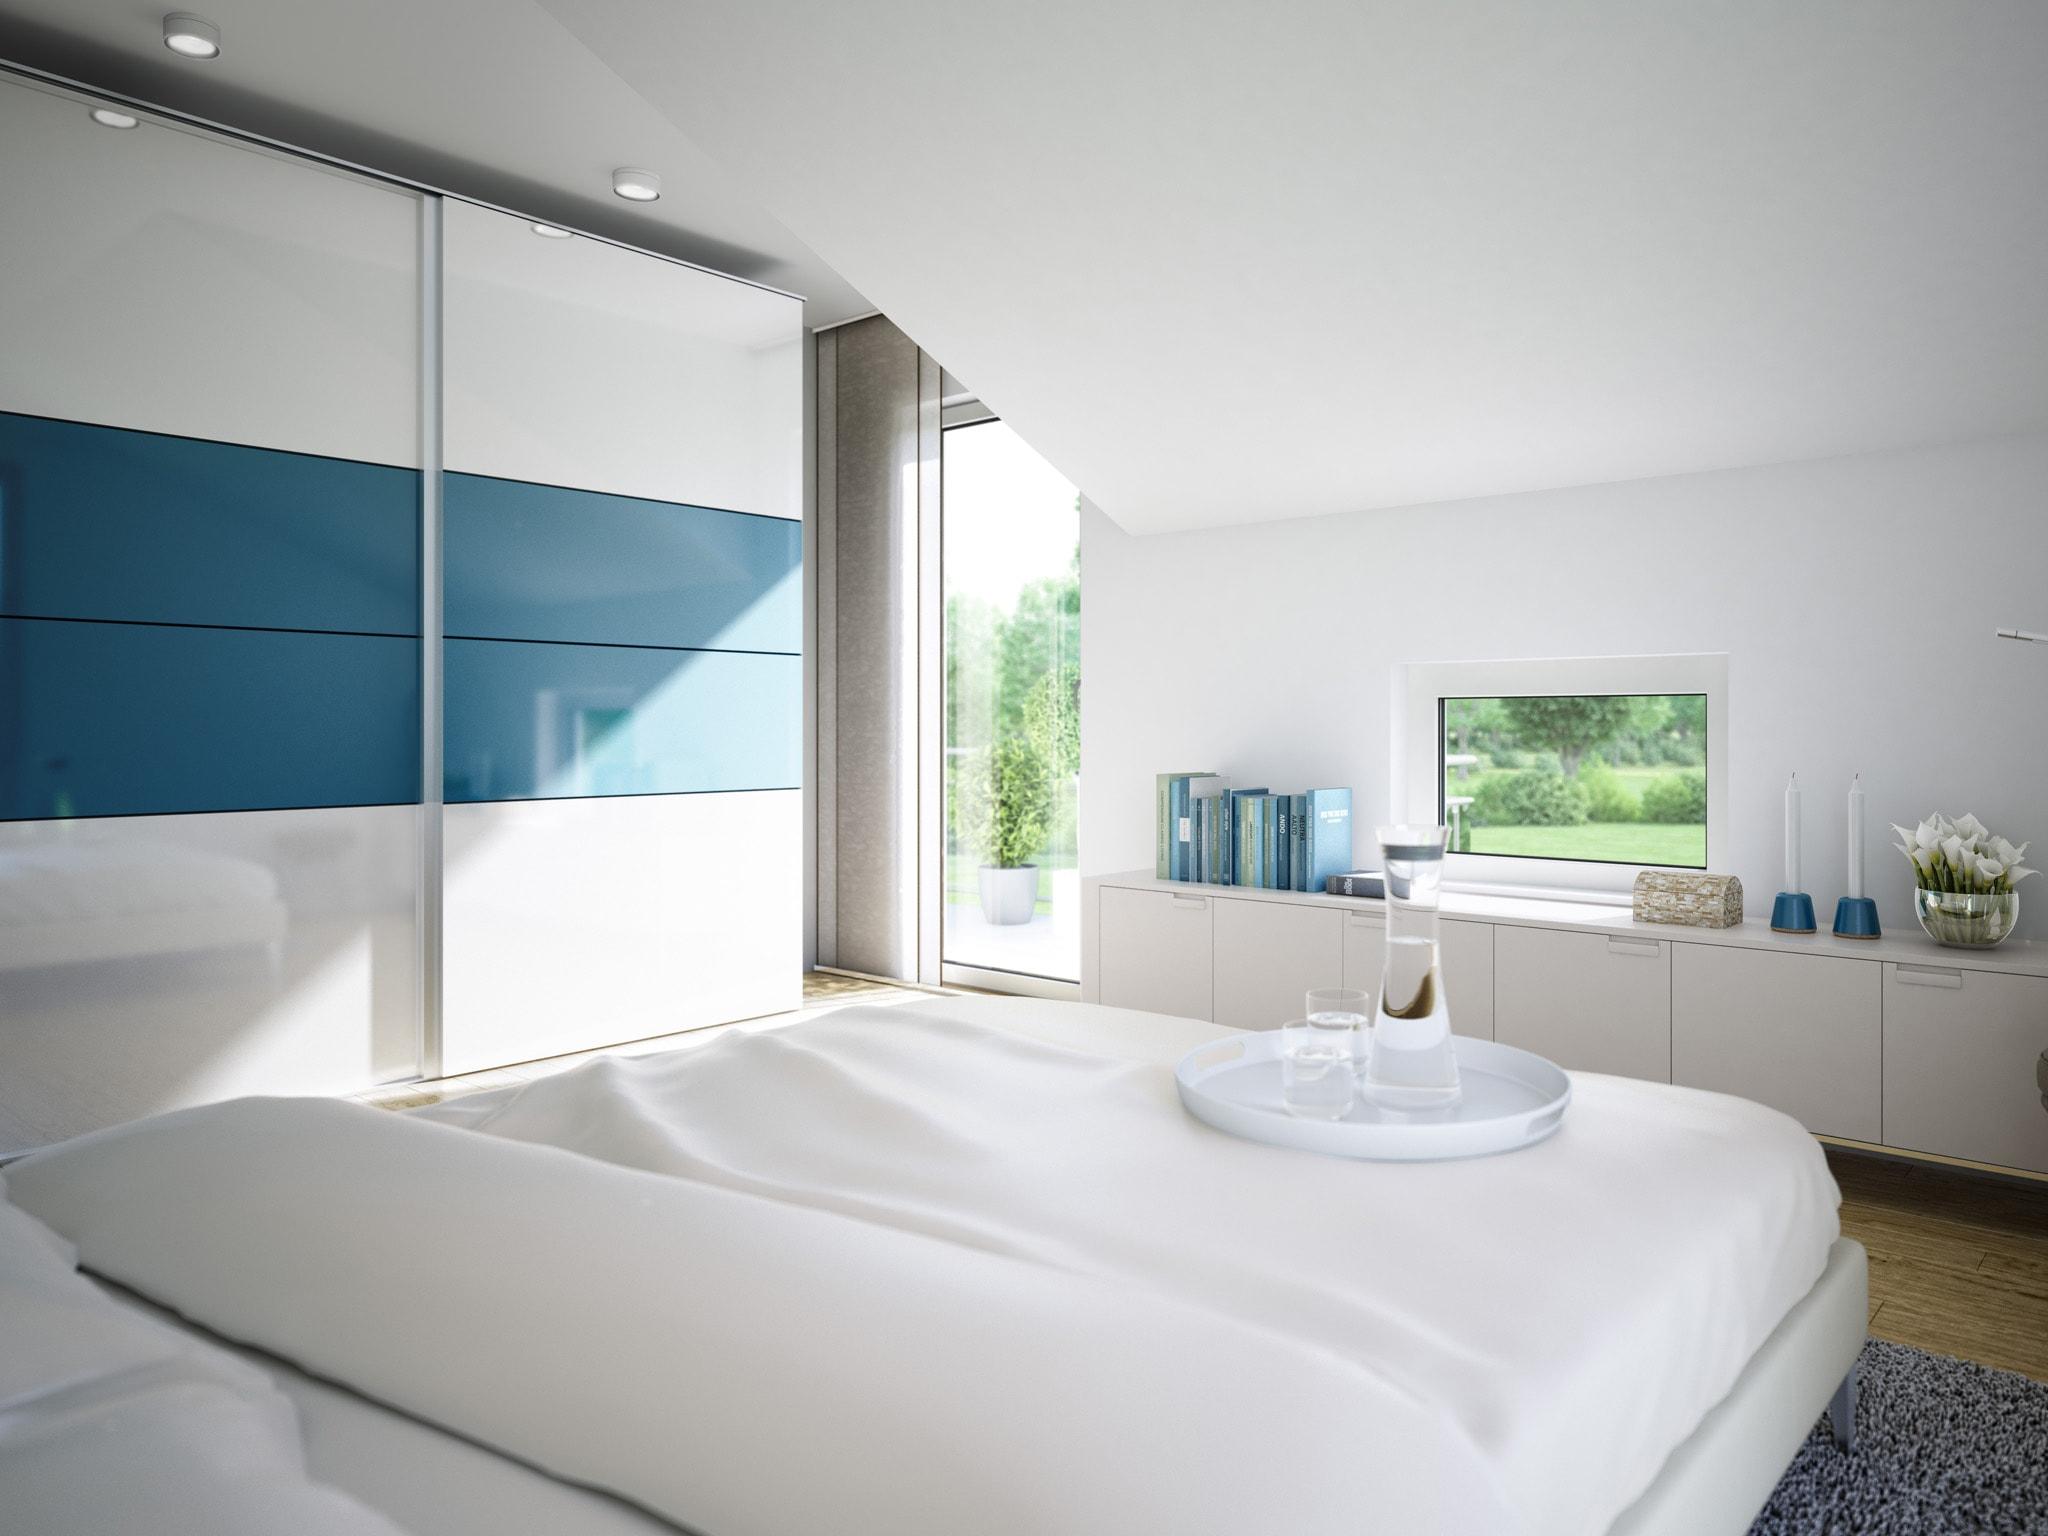 Modernes Schlafzimmer mit Dachschräge - Wohnideen Inneneinrichtung Einfamilienhaus SUNSHINE 125 V3 von Living Haus - HausbauDirekt.de